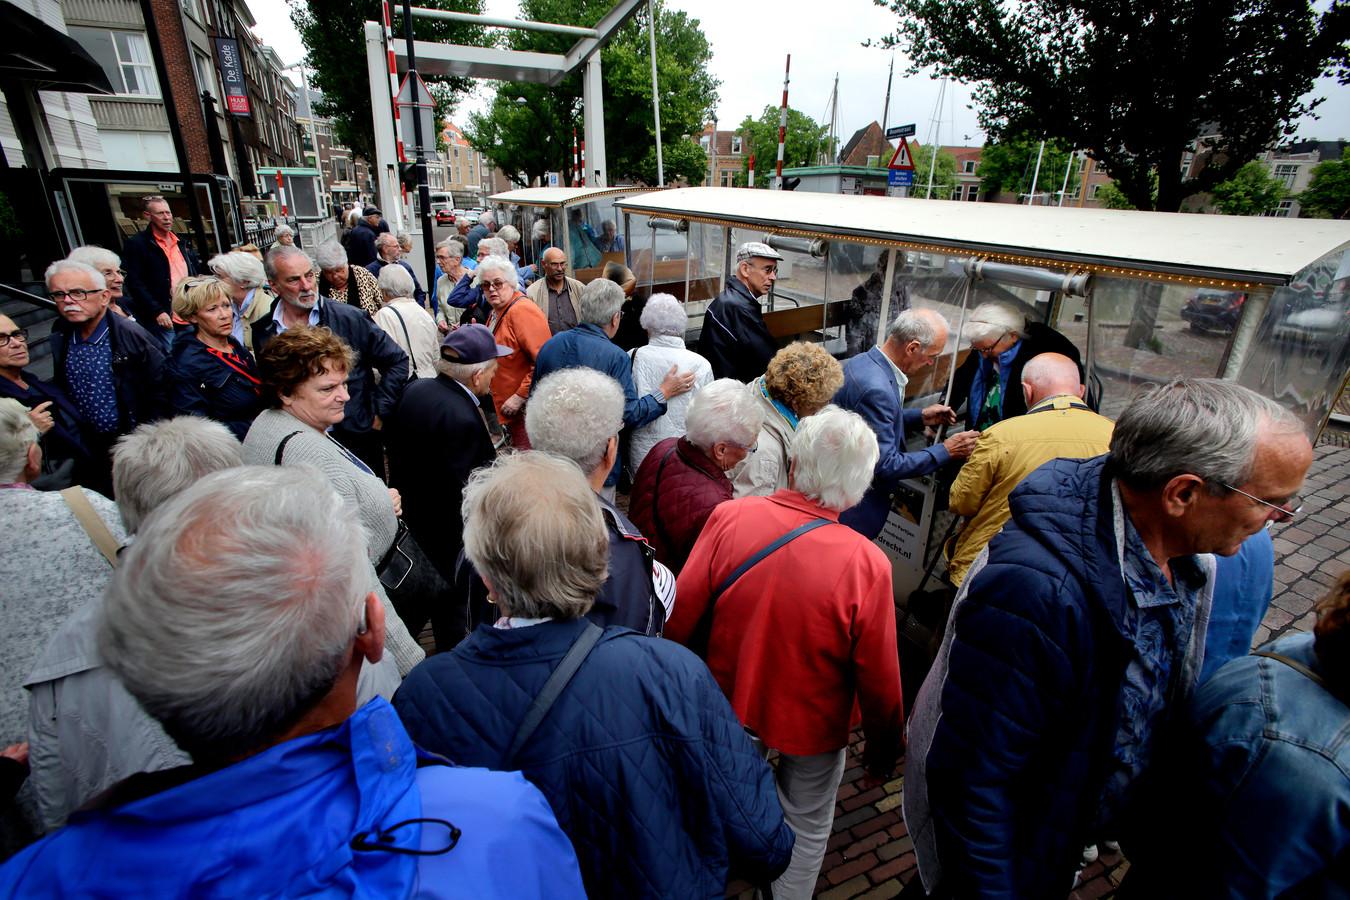 Grote groepen toeristen: ze zijn steeds vaker te zien in Dordrecht.